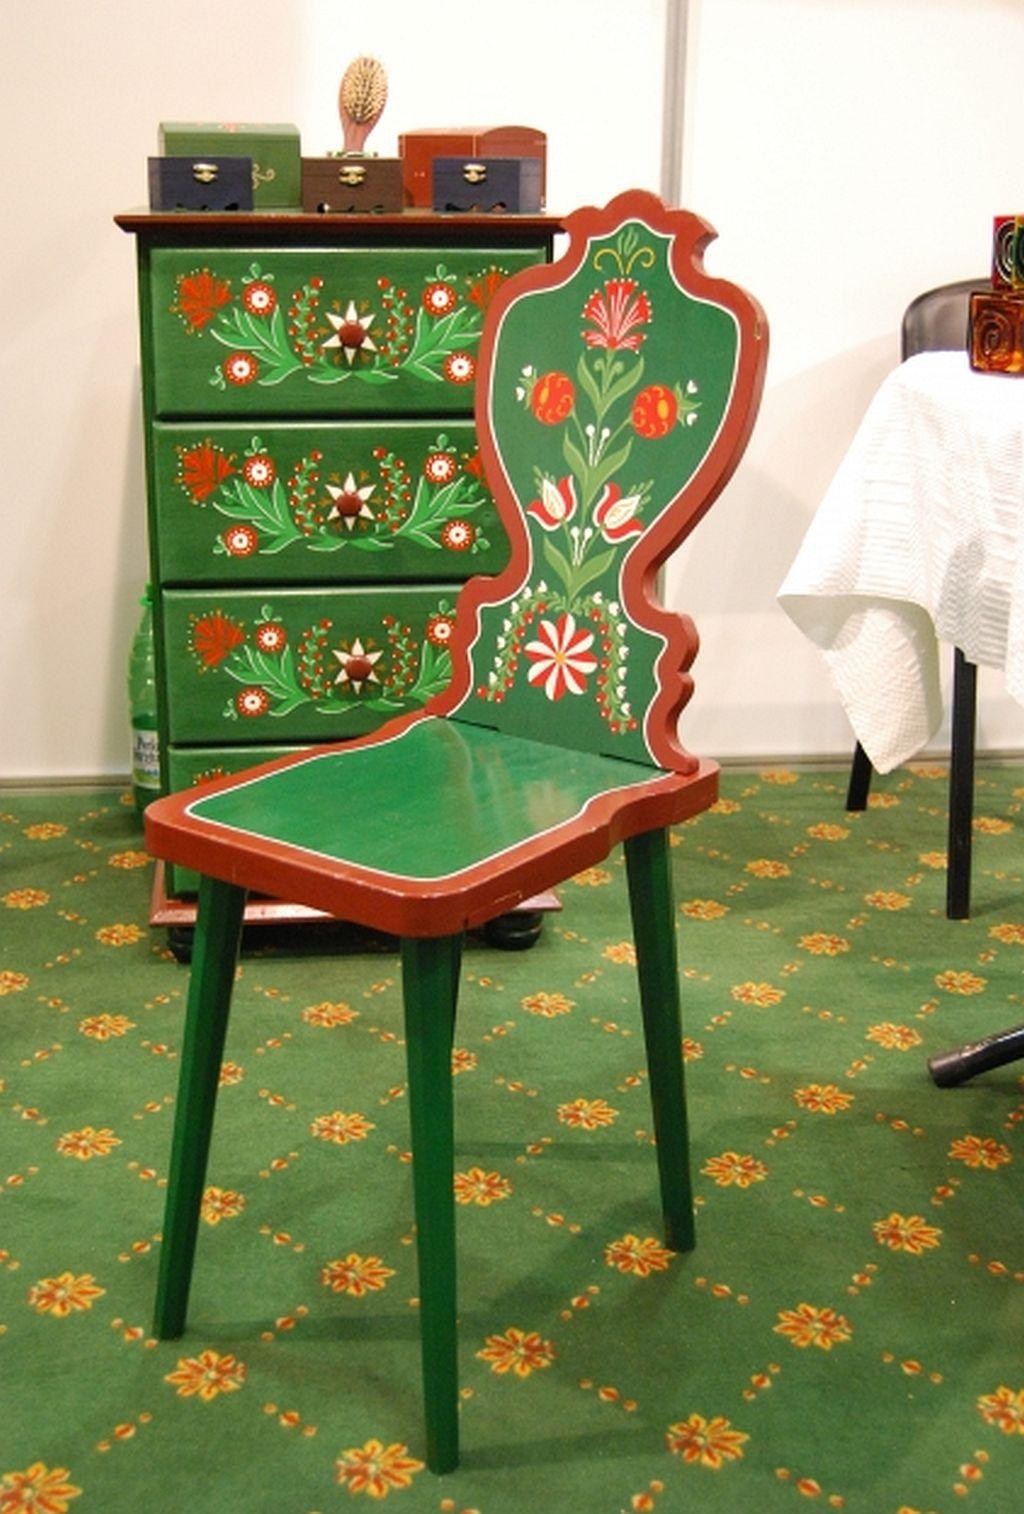 adelaparvu.com despre mobila pictata (8)